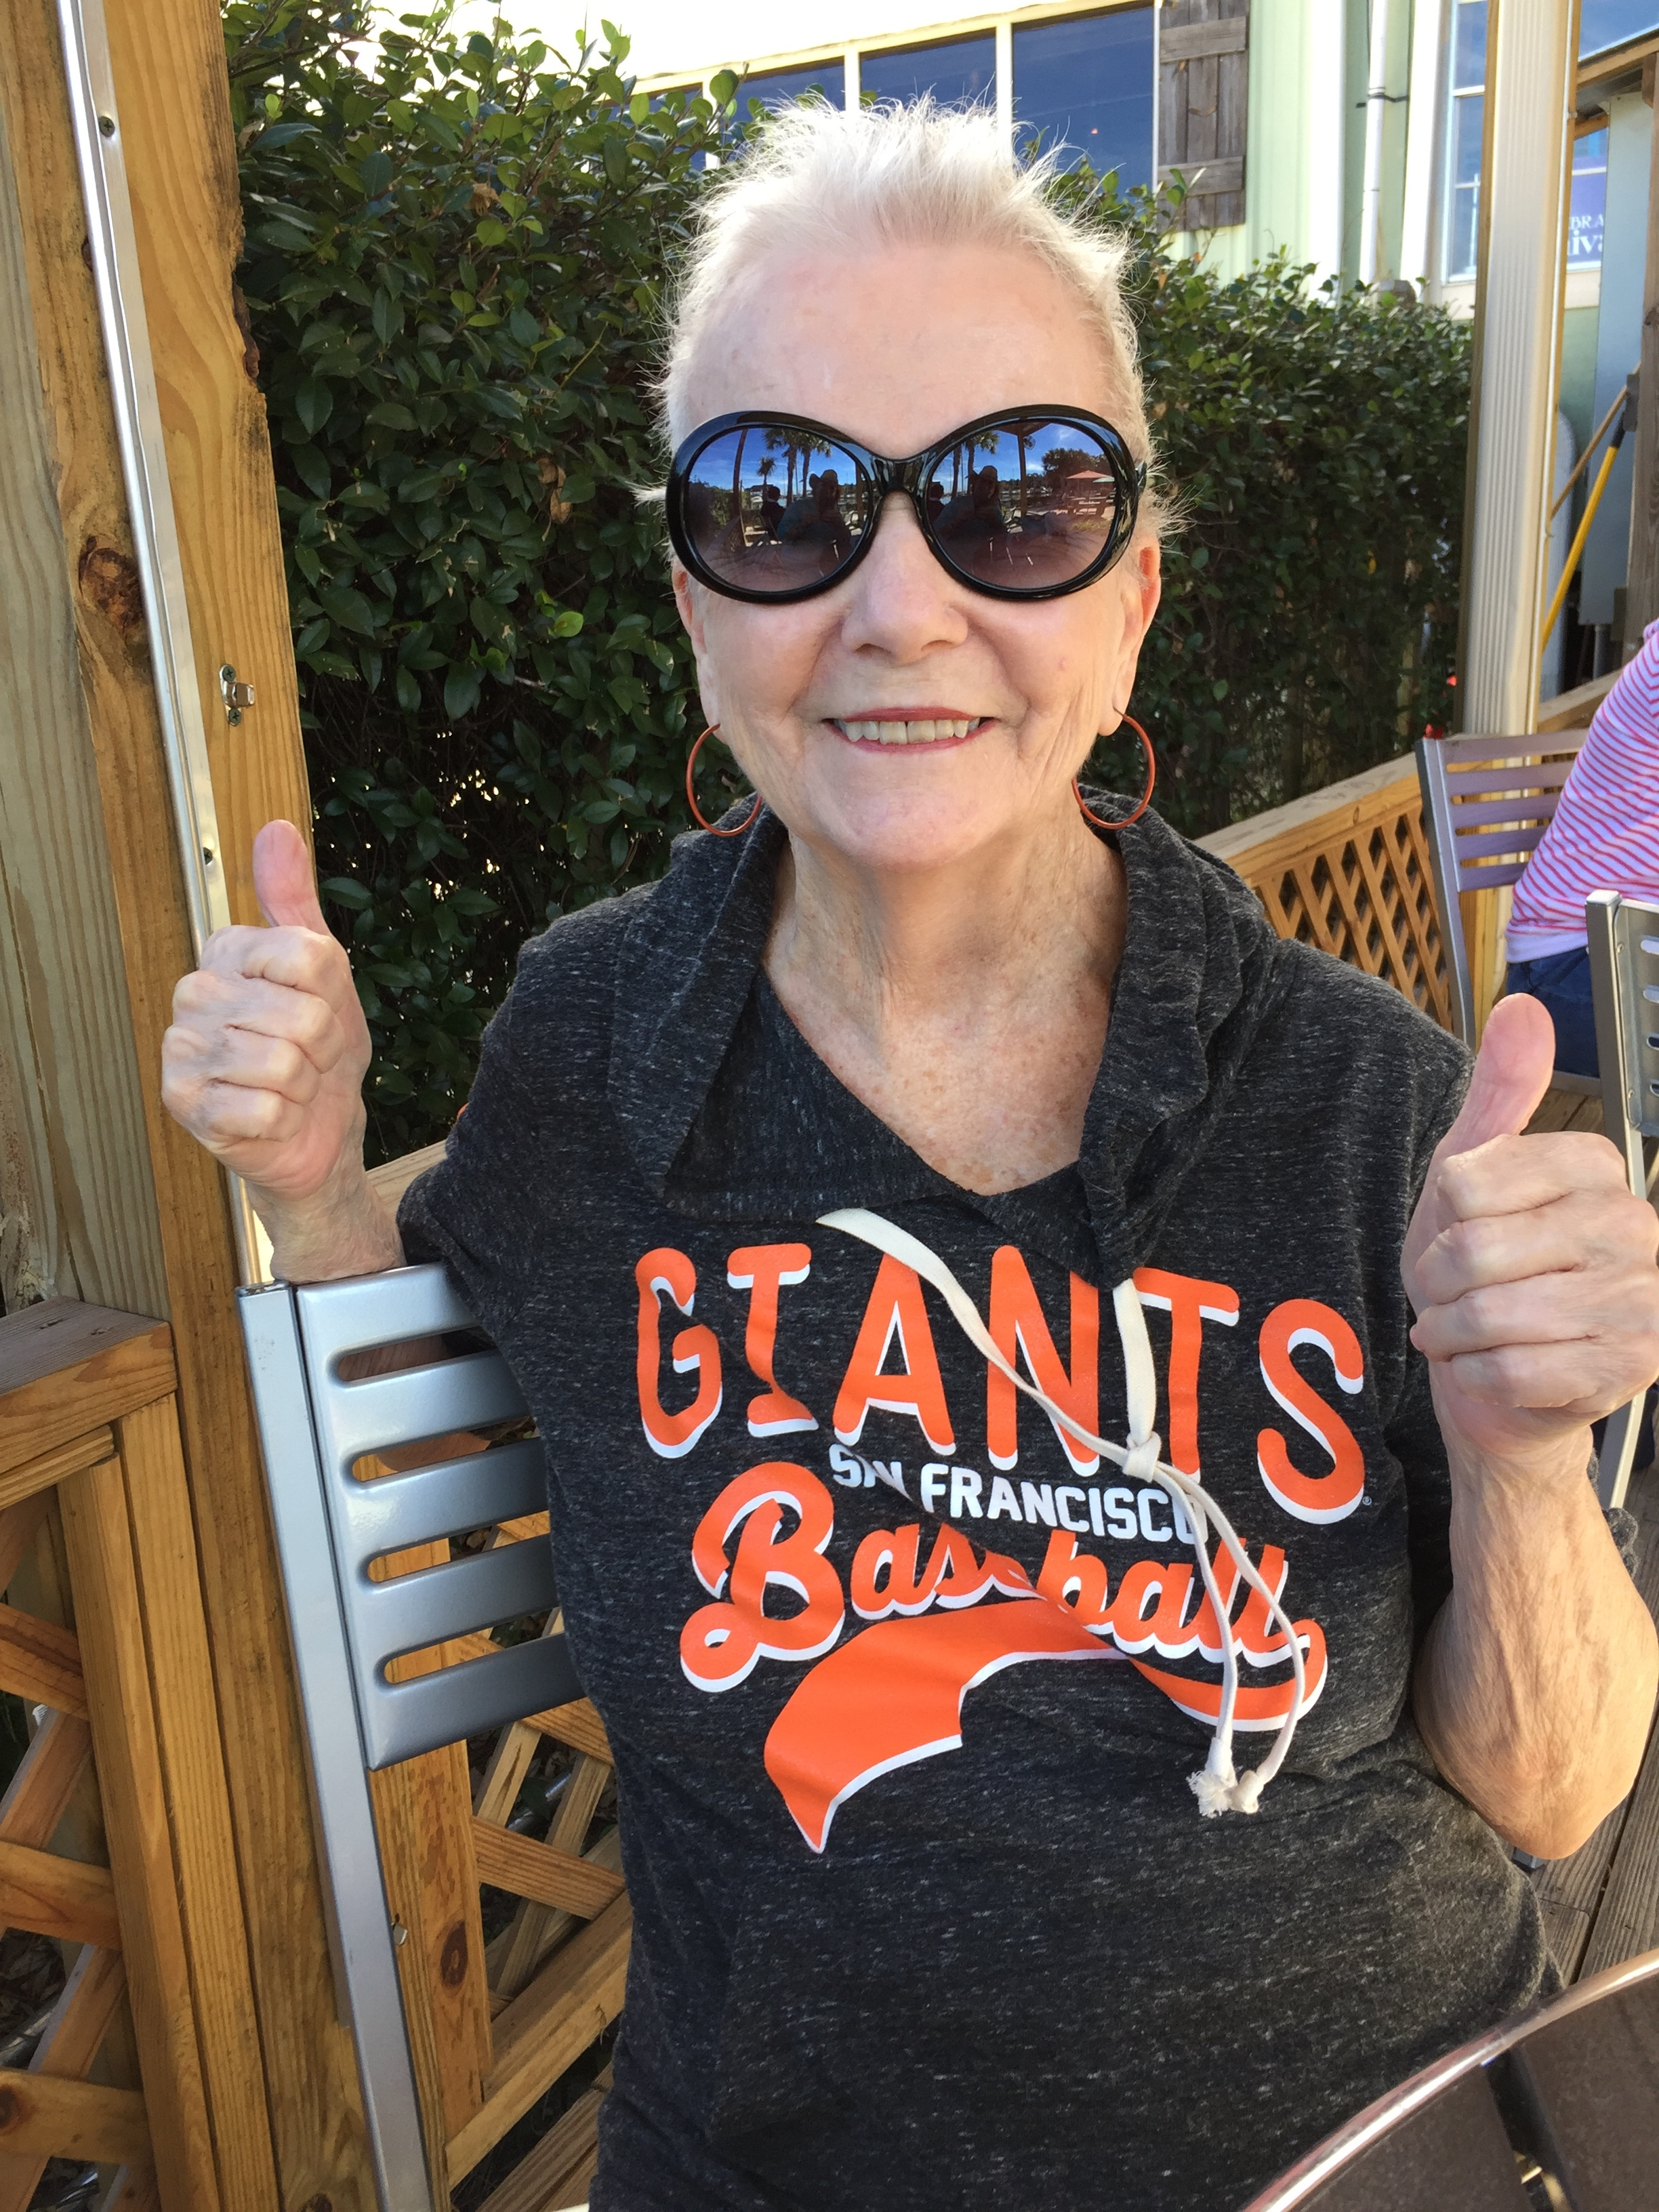 My mum, Janice Charles, a cancer survivor showing her World Champion spirit with my hometown team's sweatshirt